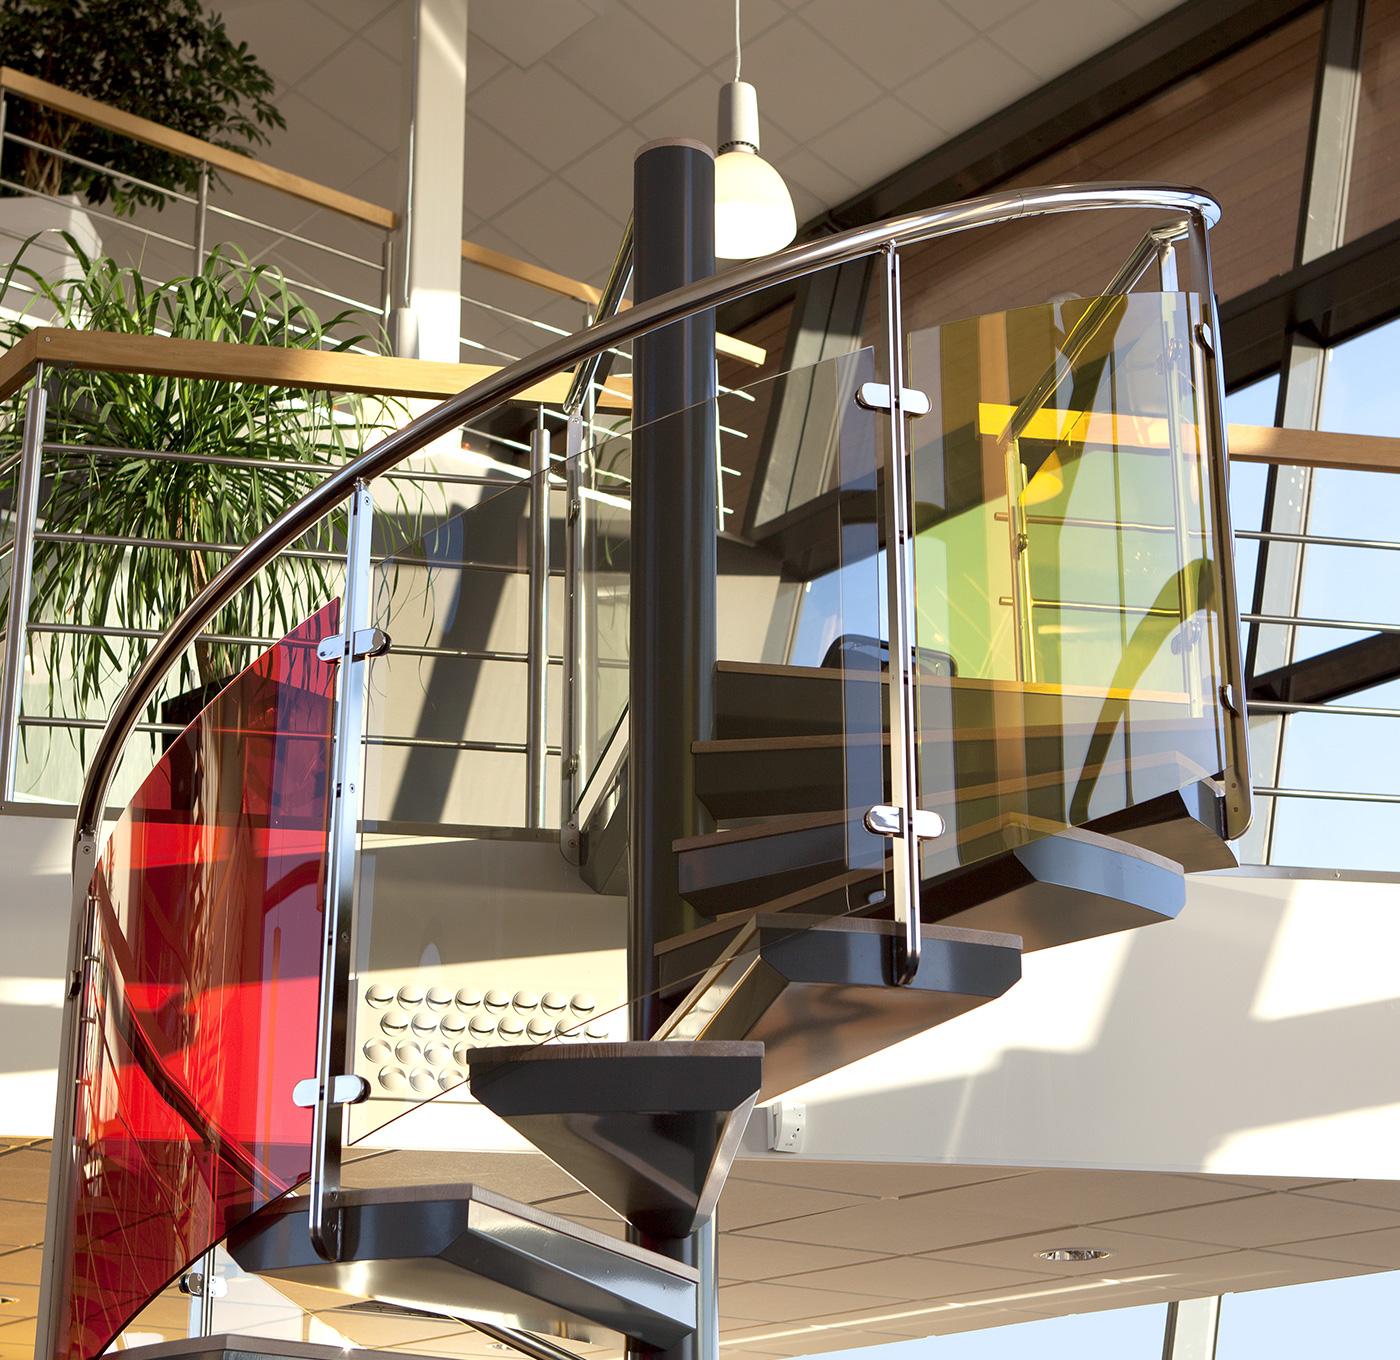 Spiraltrappa exklusiv inomhus med glasräcke